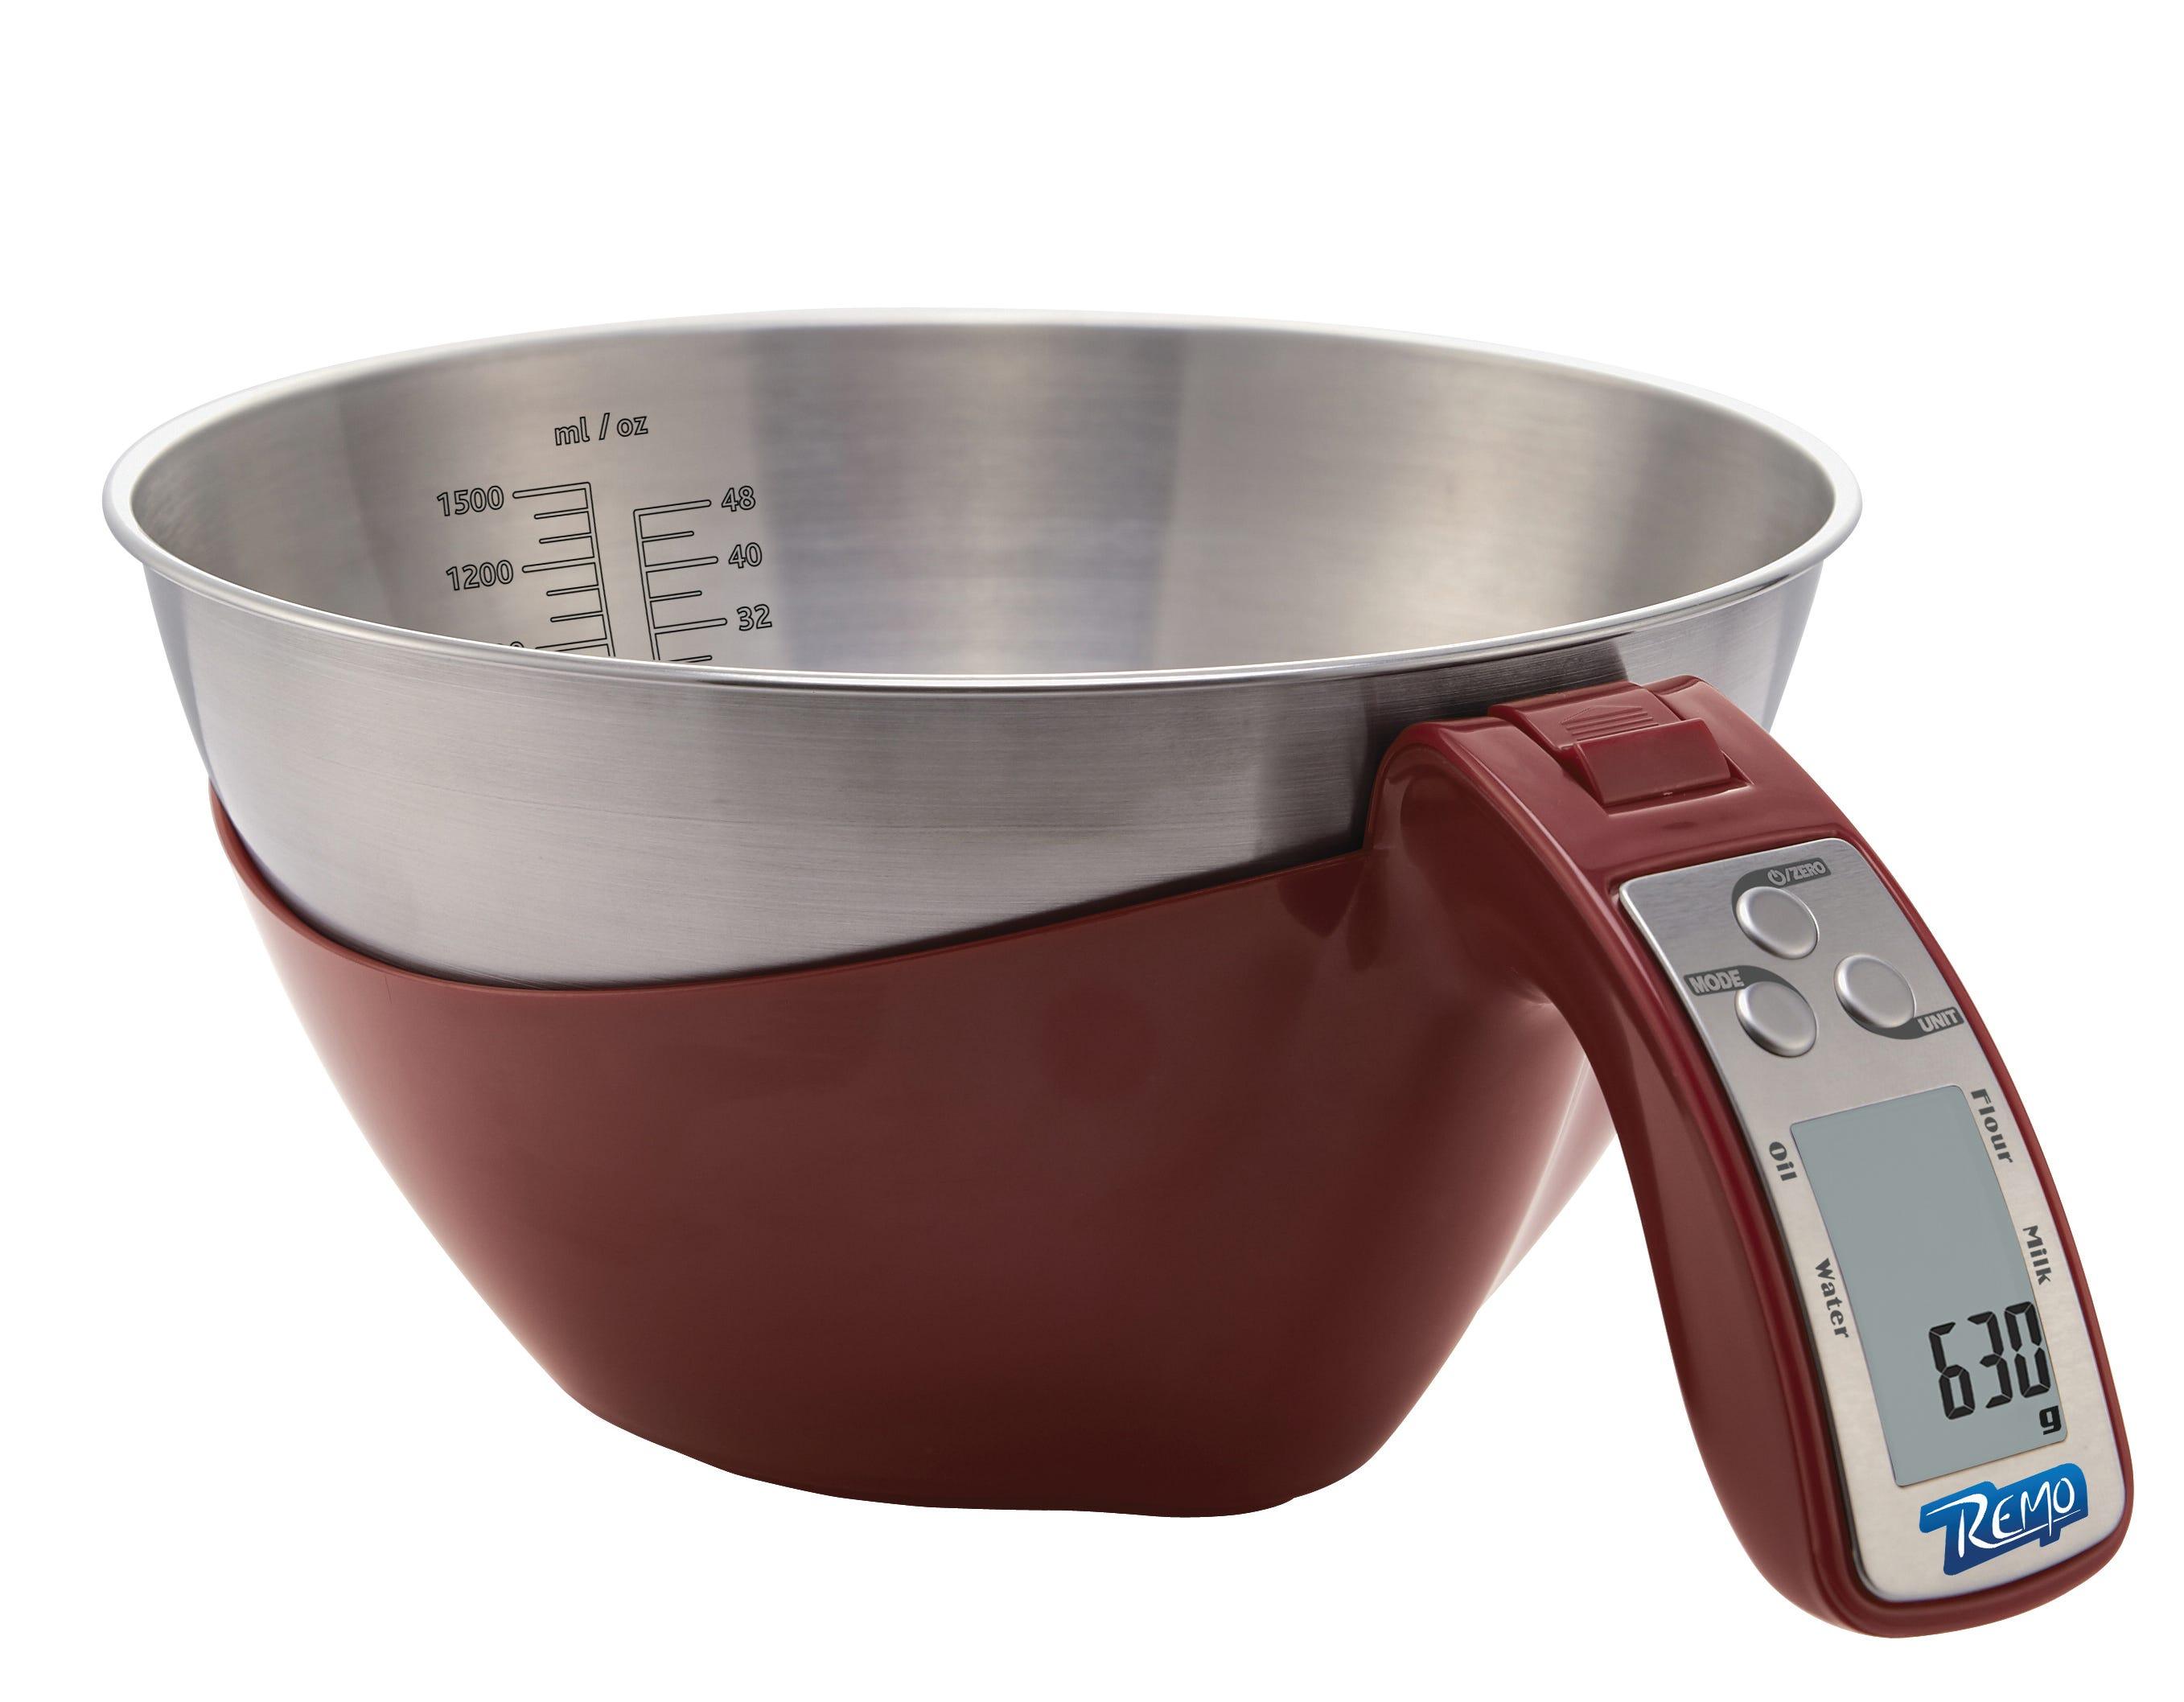 Báscula de cocina en rojo